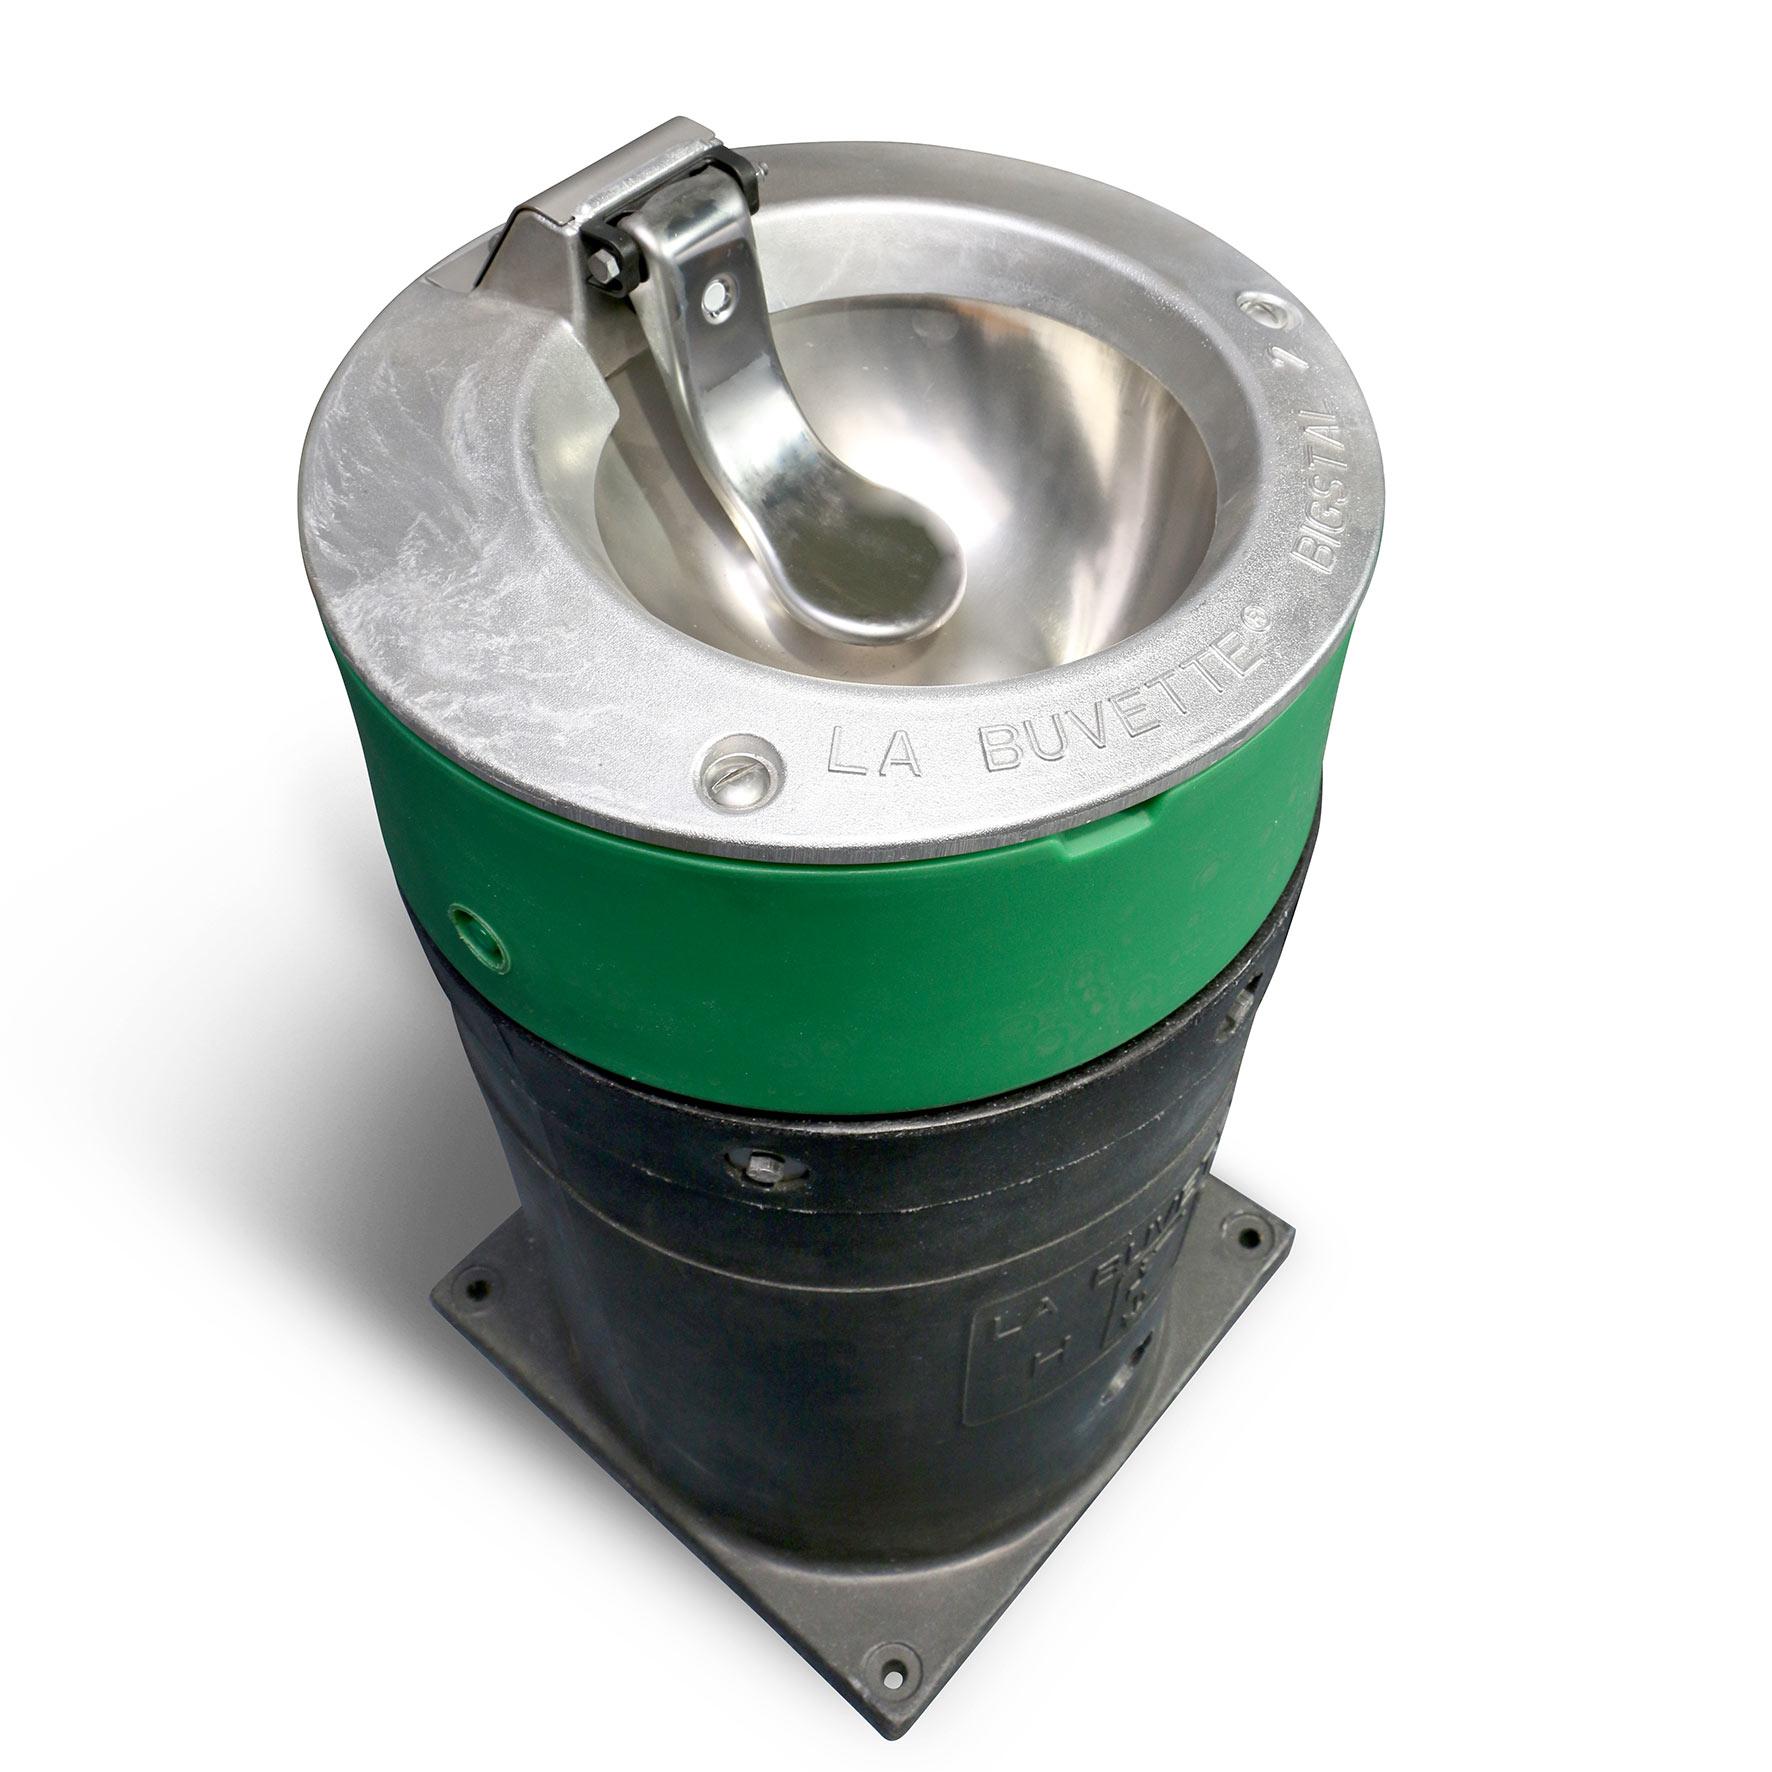 Abreuvoir palette inox à poser sur buse BIGSTAL 2 - 80 Watts